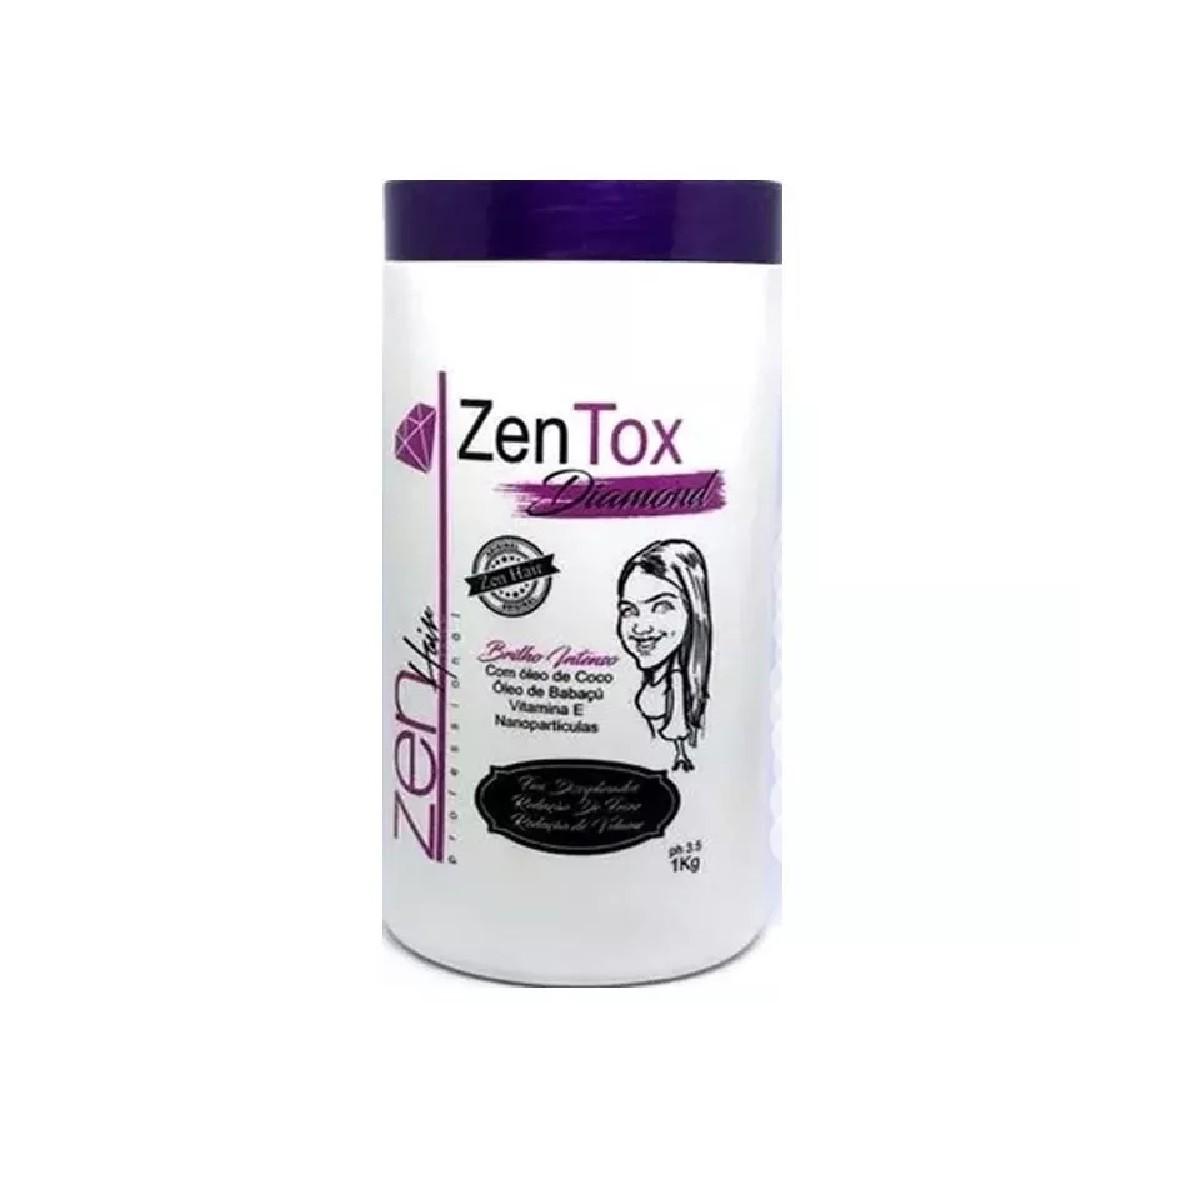 Zen Hair Botox Zentox Diamond Matizador 1kg - R